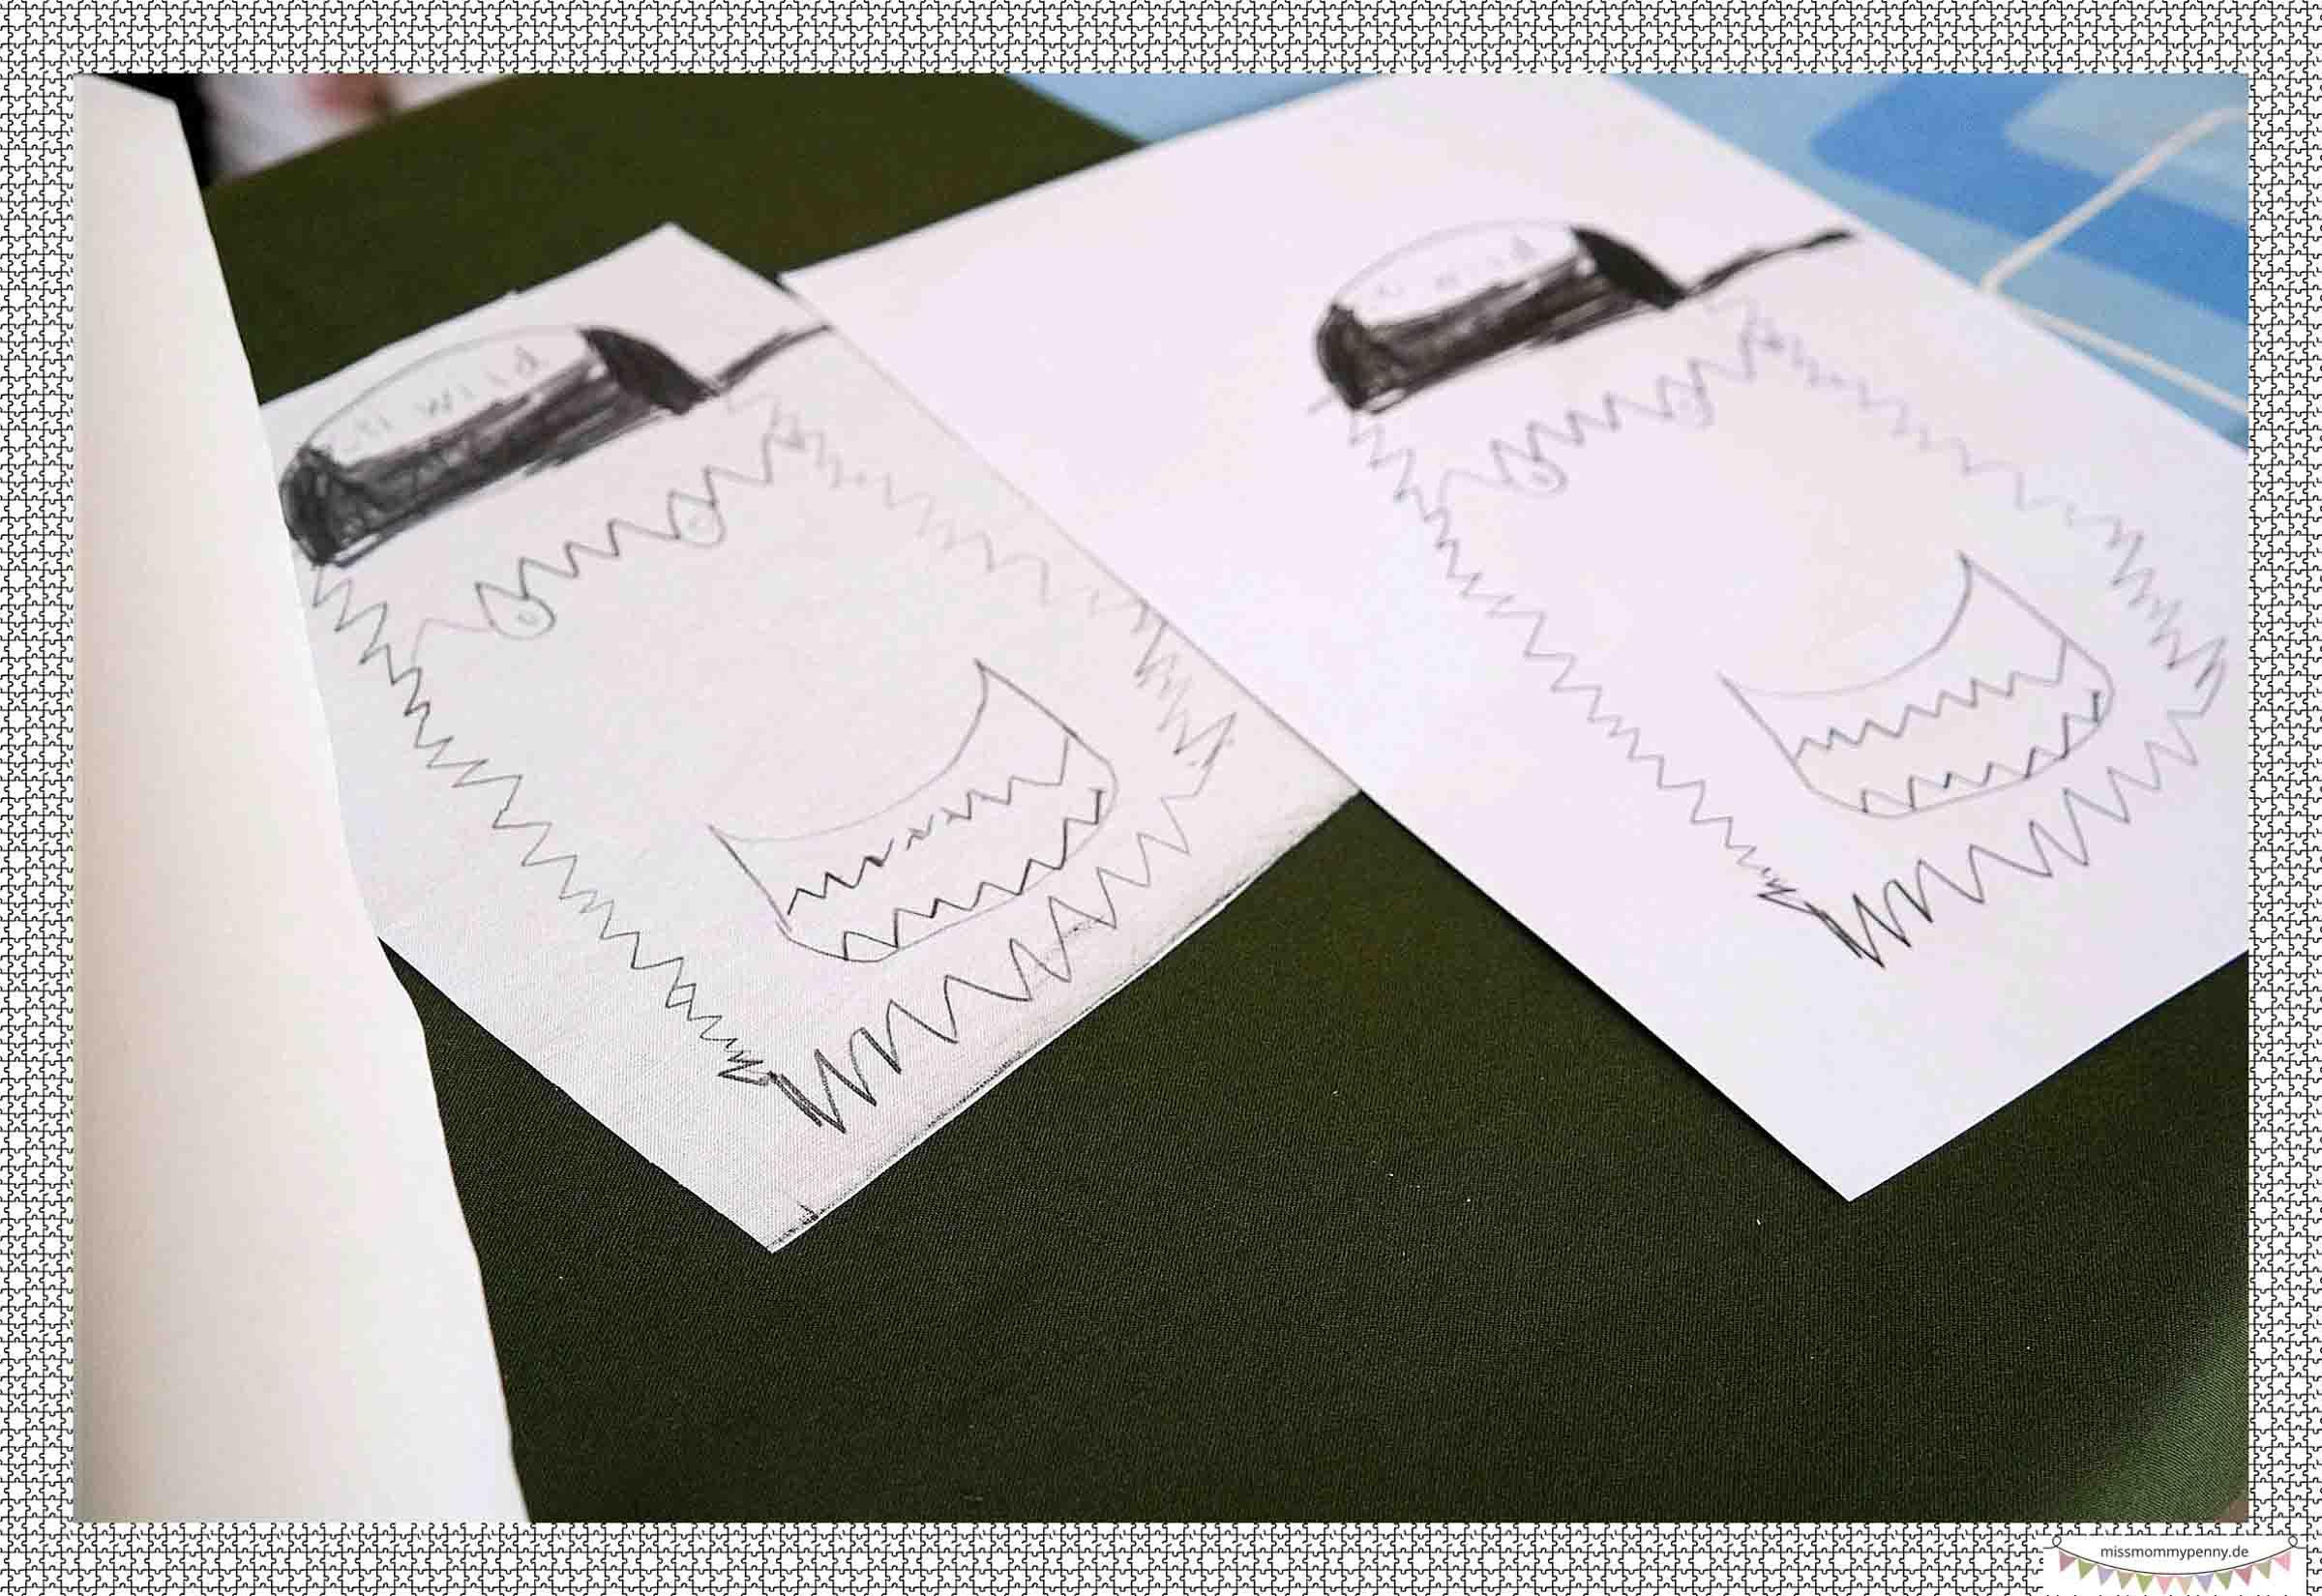 Gemalte Kinderbilder auf Stoff drucken - missmommypenny